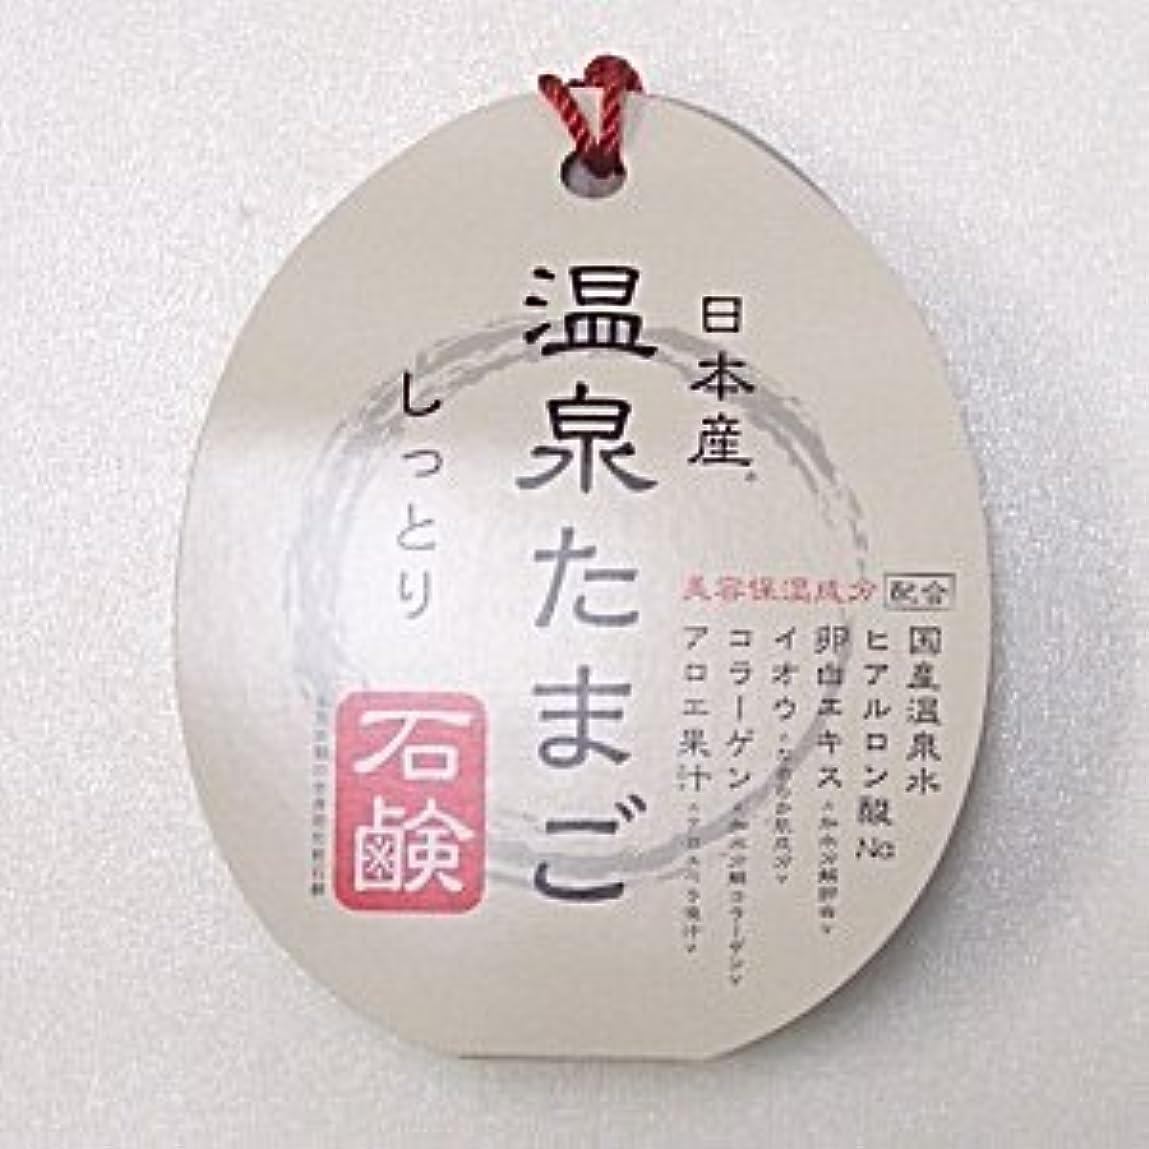 ディスク攻撃的タクト日本産 温泉たまご石鹸 しっとりタイプ 75g